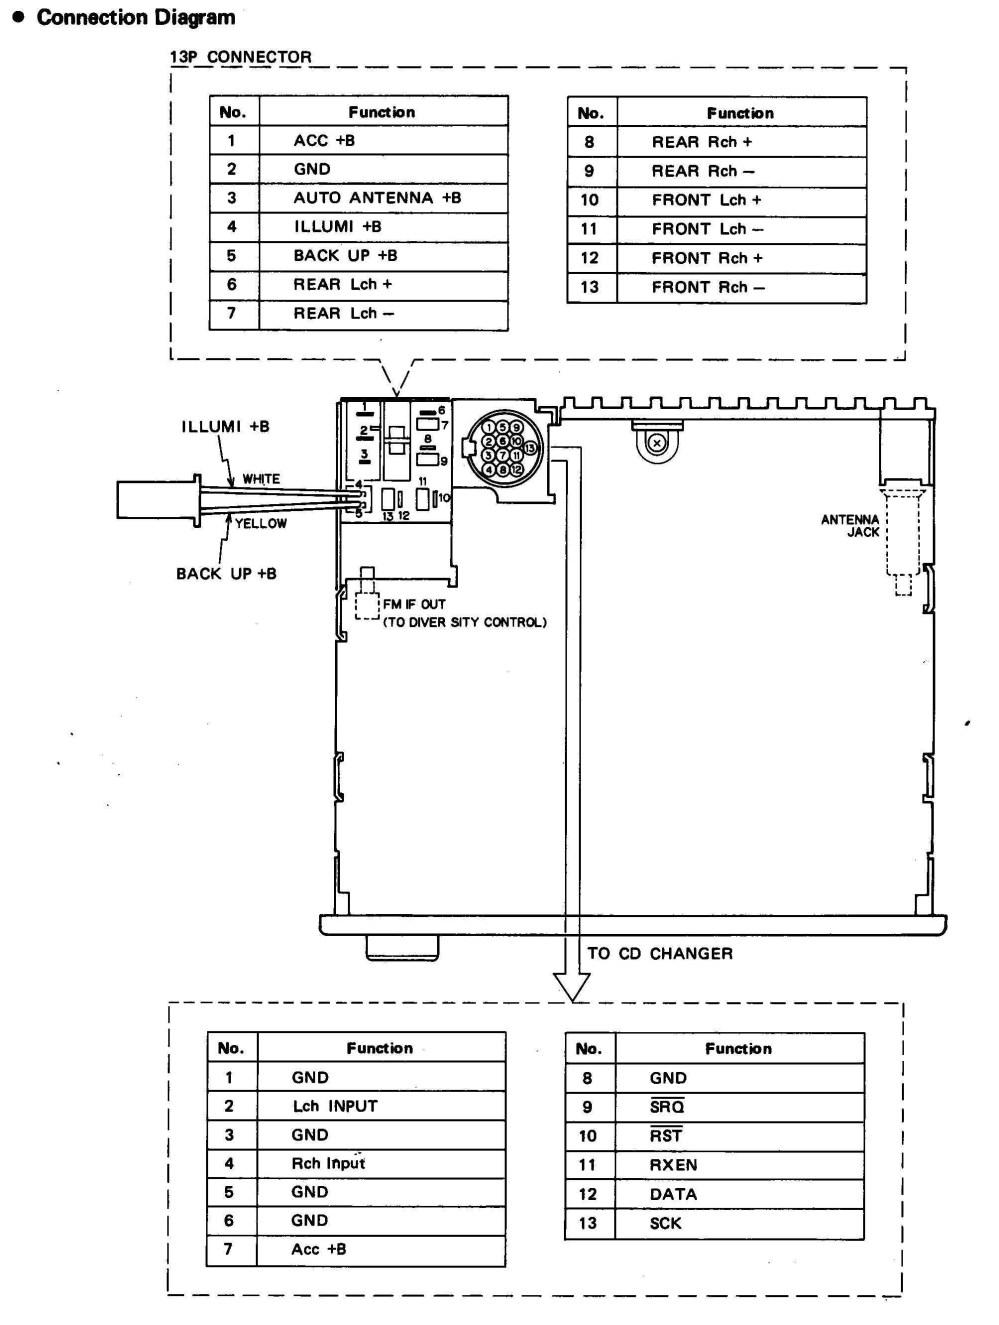 medium resolution of bmw 325i fuse box diagram hornet wiring diagram blog bmw 325i fuse box diagram hornet wiring